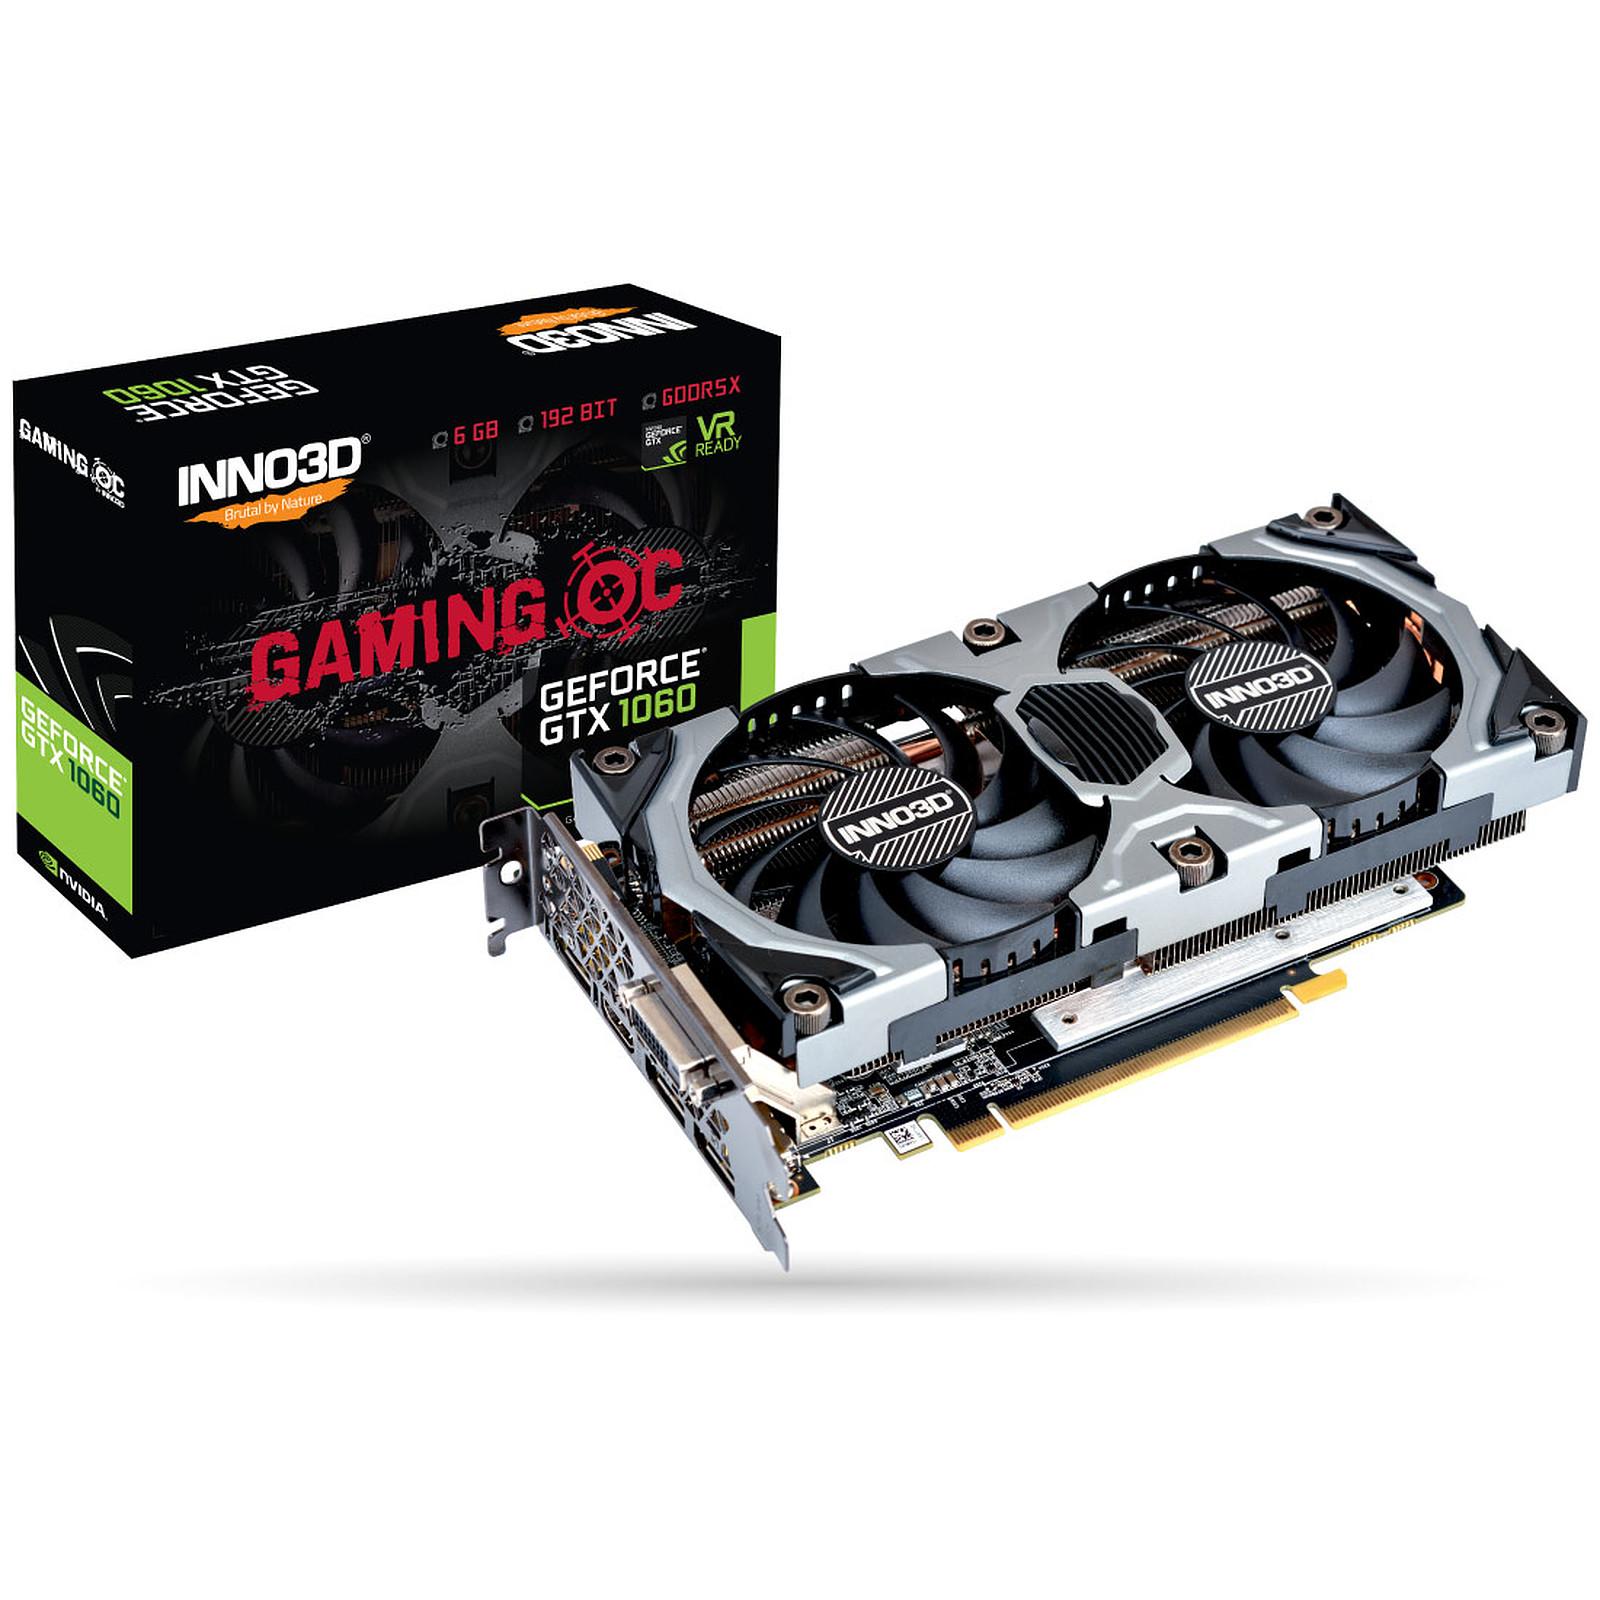 INNO3D GeForce GTX 1060 6GB GAMING OC